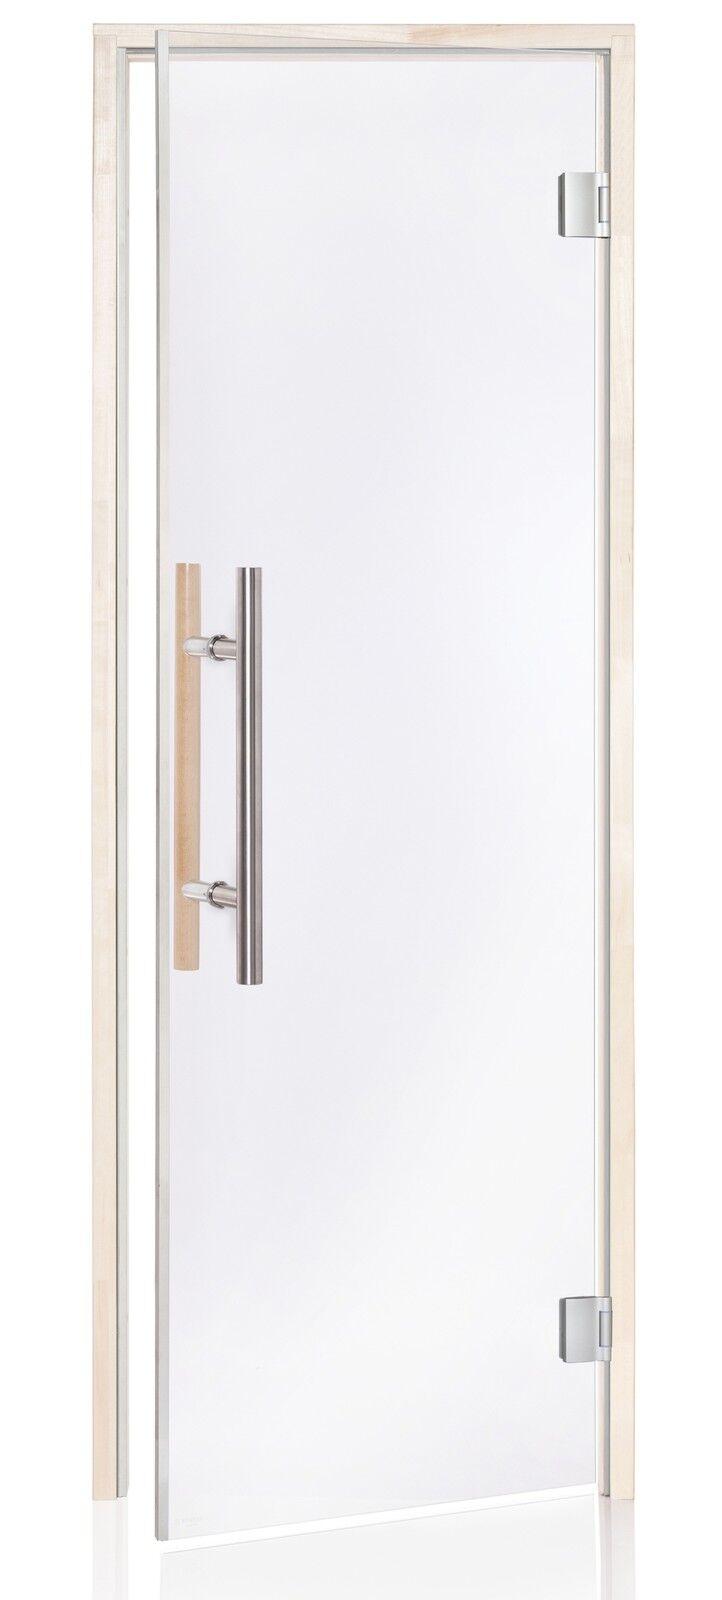 prezzi più convenienti Porta Sauna Vetro Trasparente Trasparente Trasparente Premium Lux 7 x 19 con Supporto Magnetico  le migliori marche vendono a buon mercato